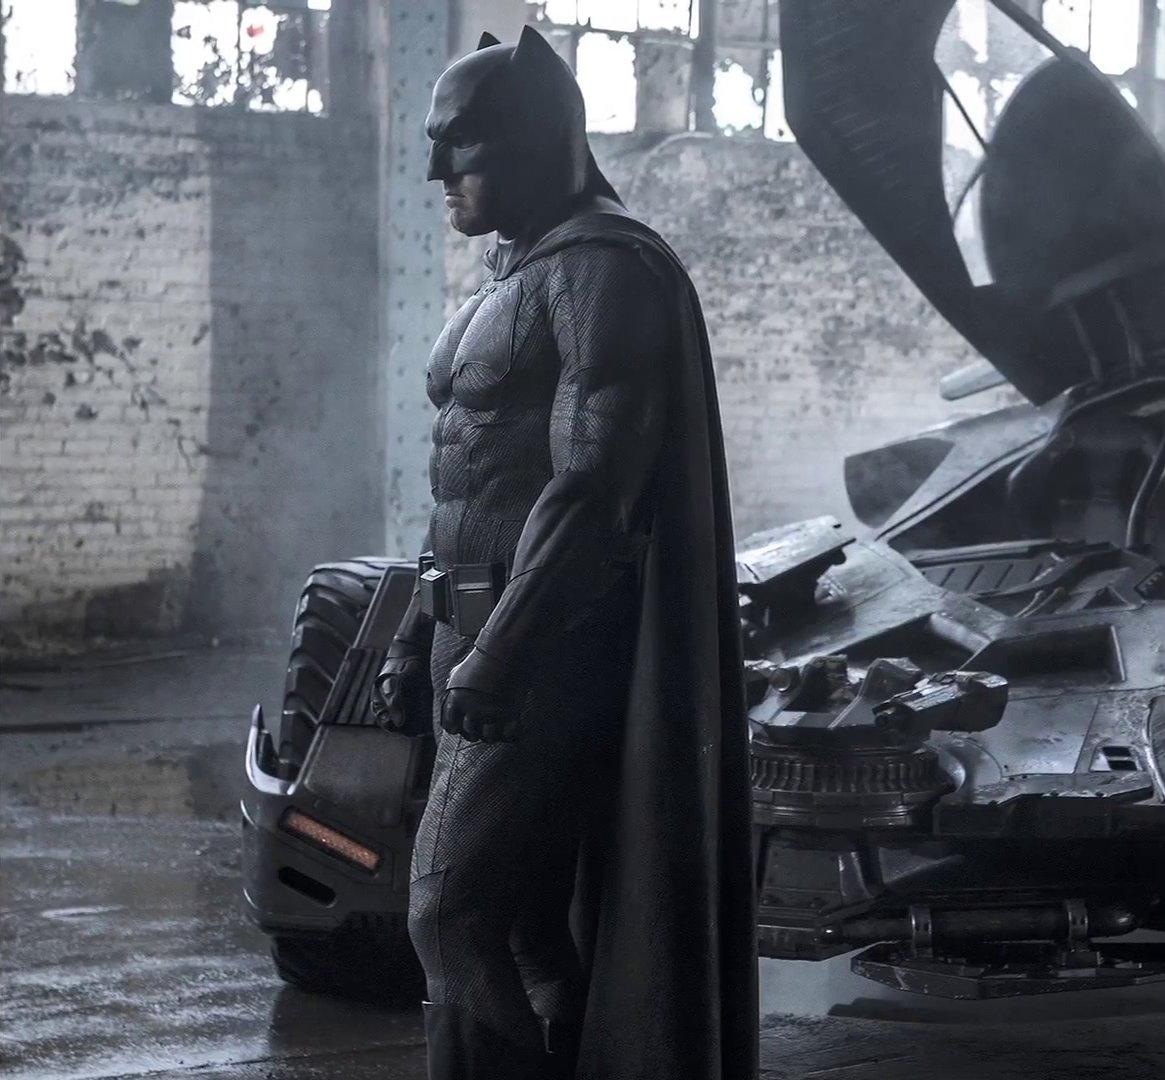 《蝙蝠侠》独立电影即将开拍,但蝙蝠侠将换更年轻的演员出演?插图